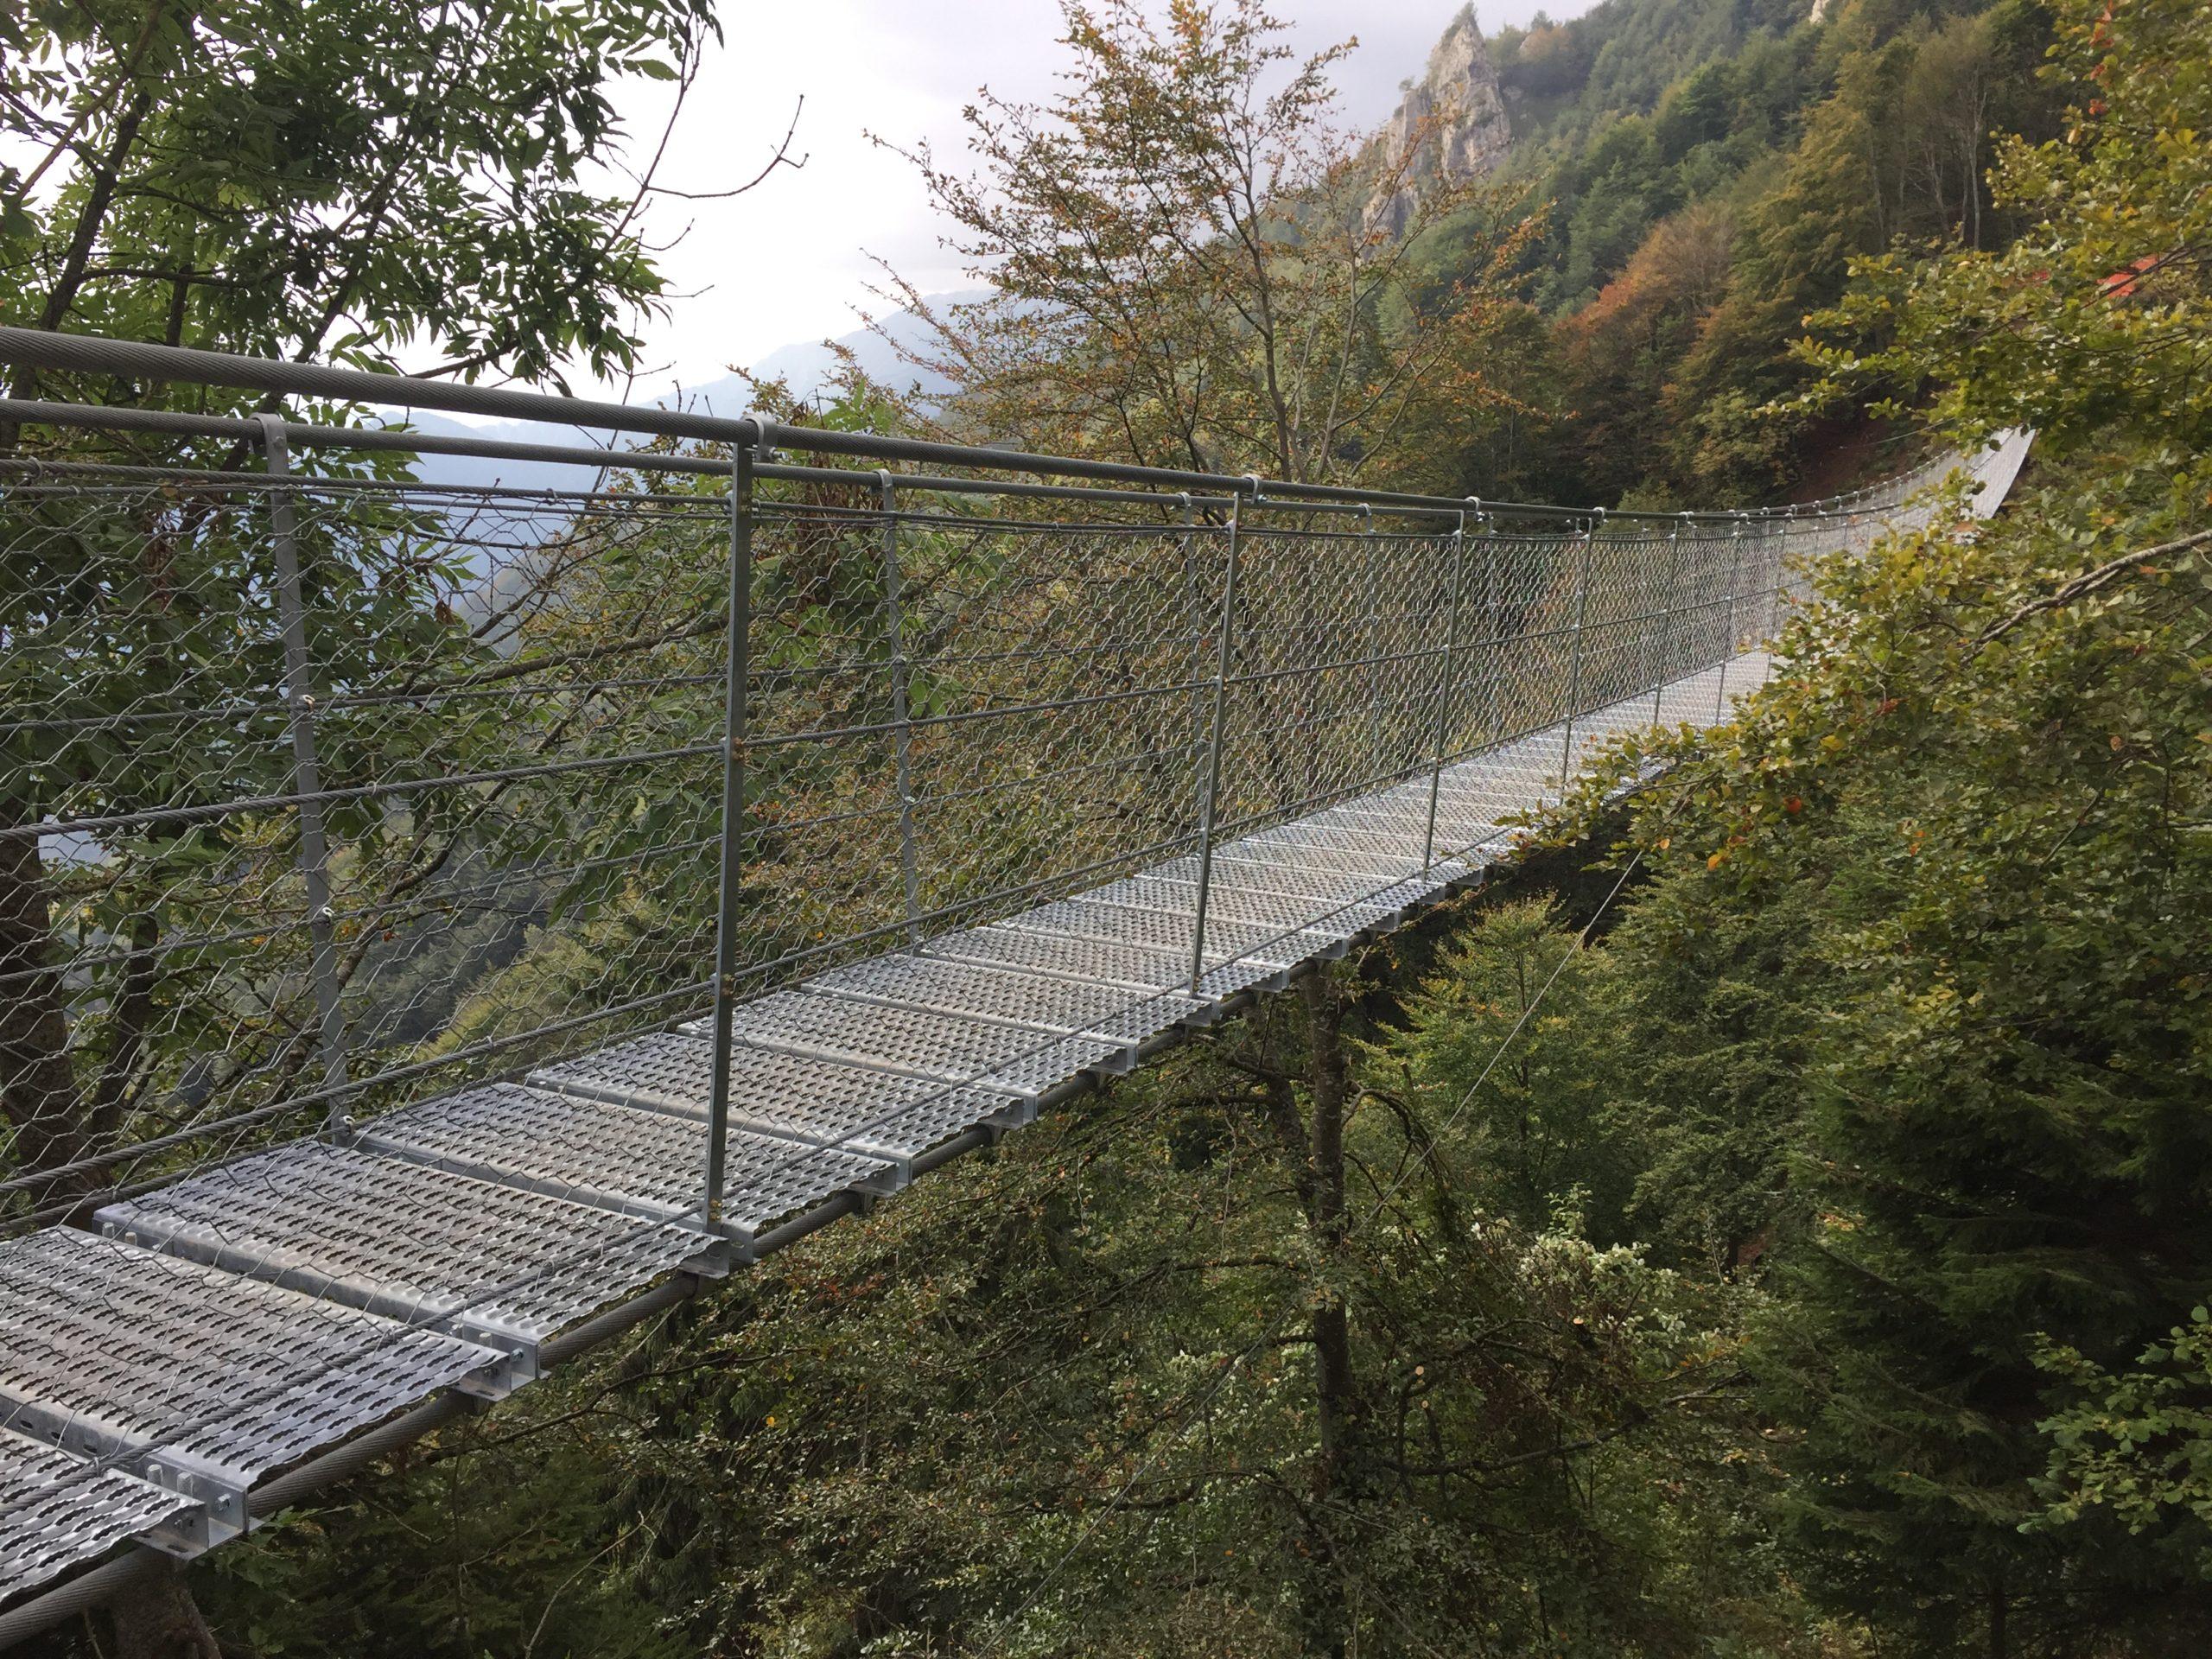 Ponte di corde avis valli del pasubio carlo costa archietto thiene (43)